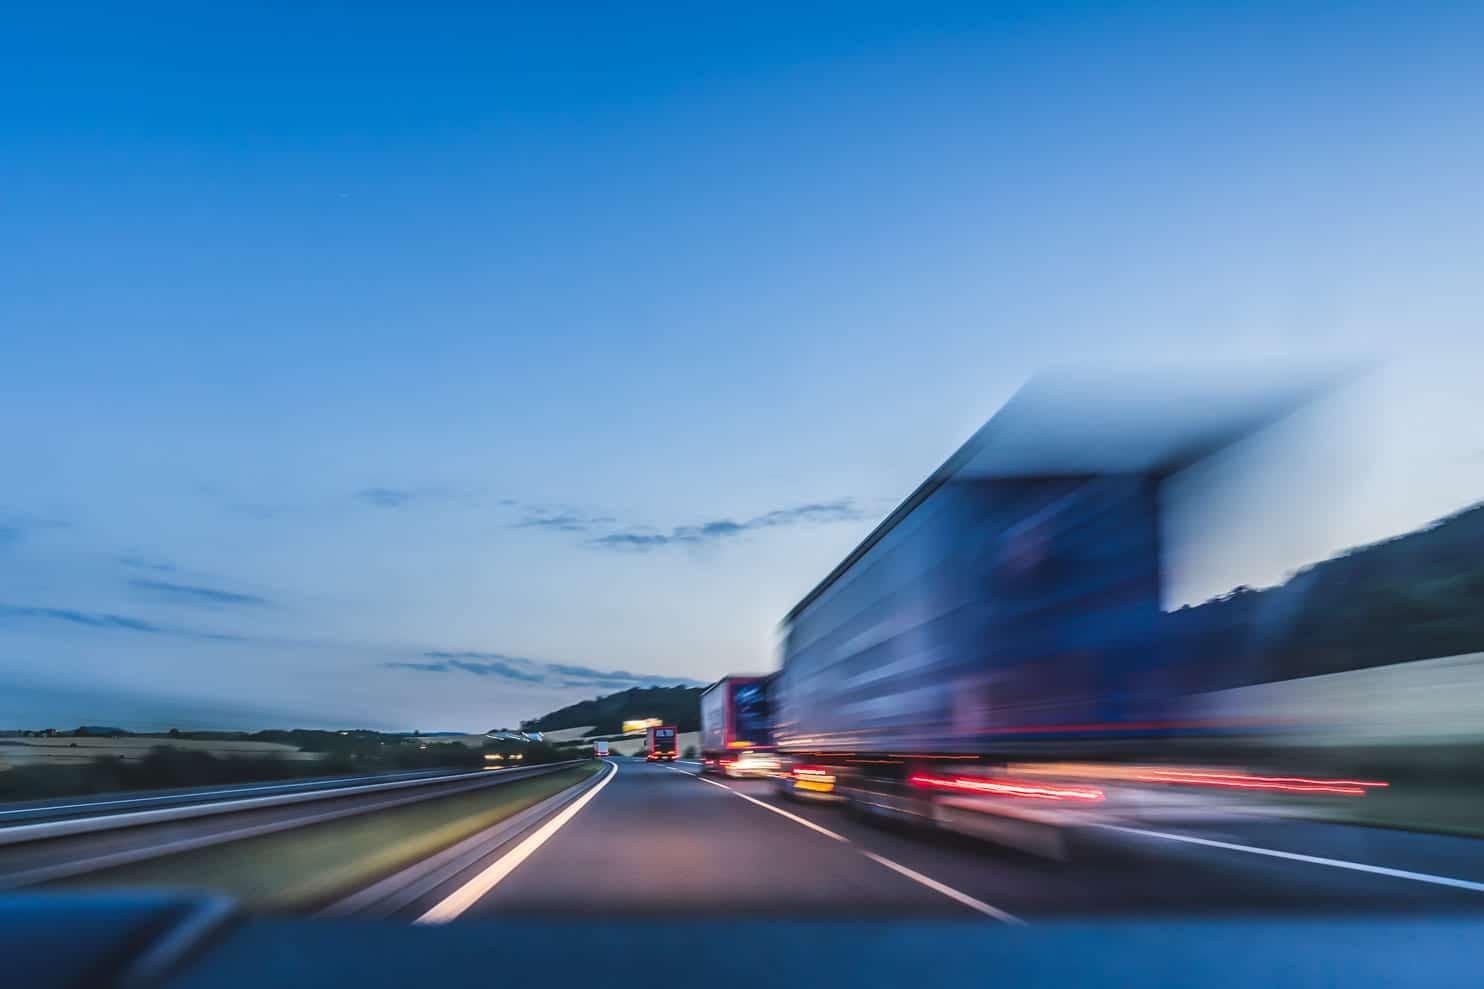 Logistics__transport_road